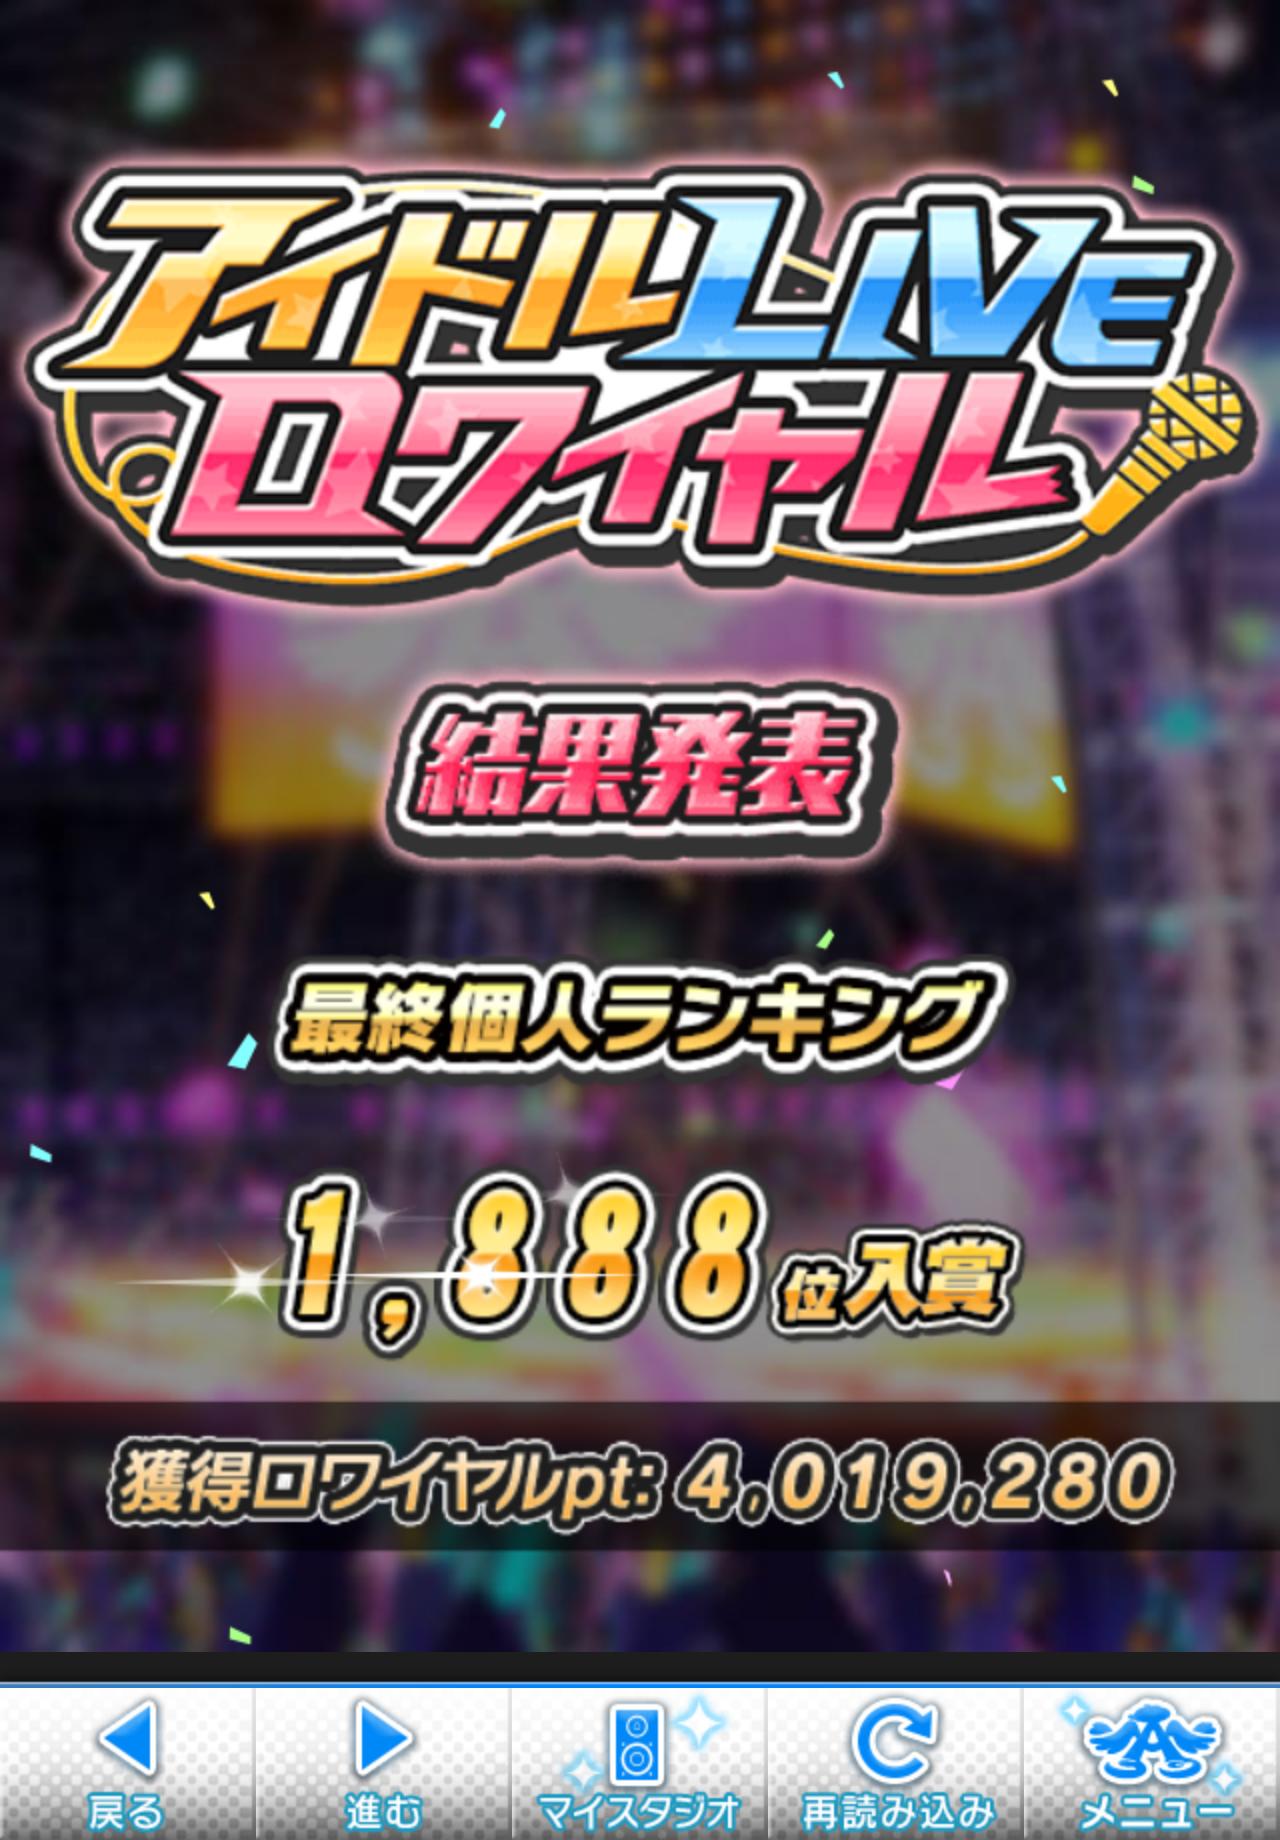 第24回アイドルLIVEロワイヤル結果発表1